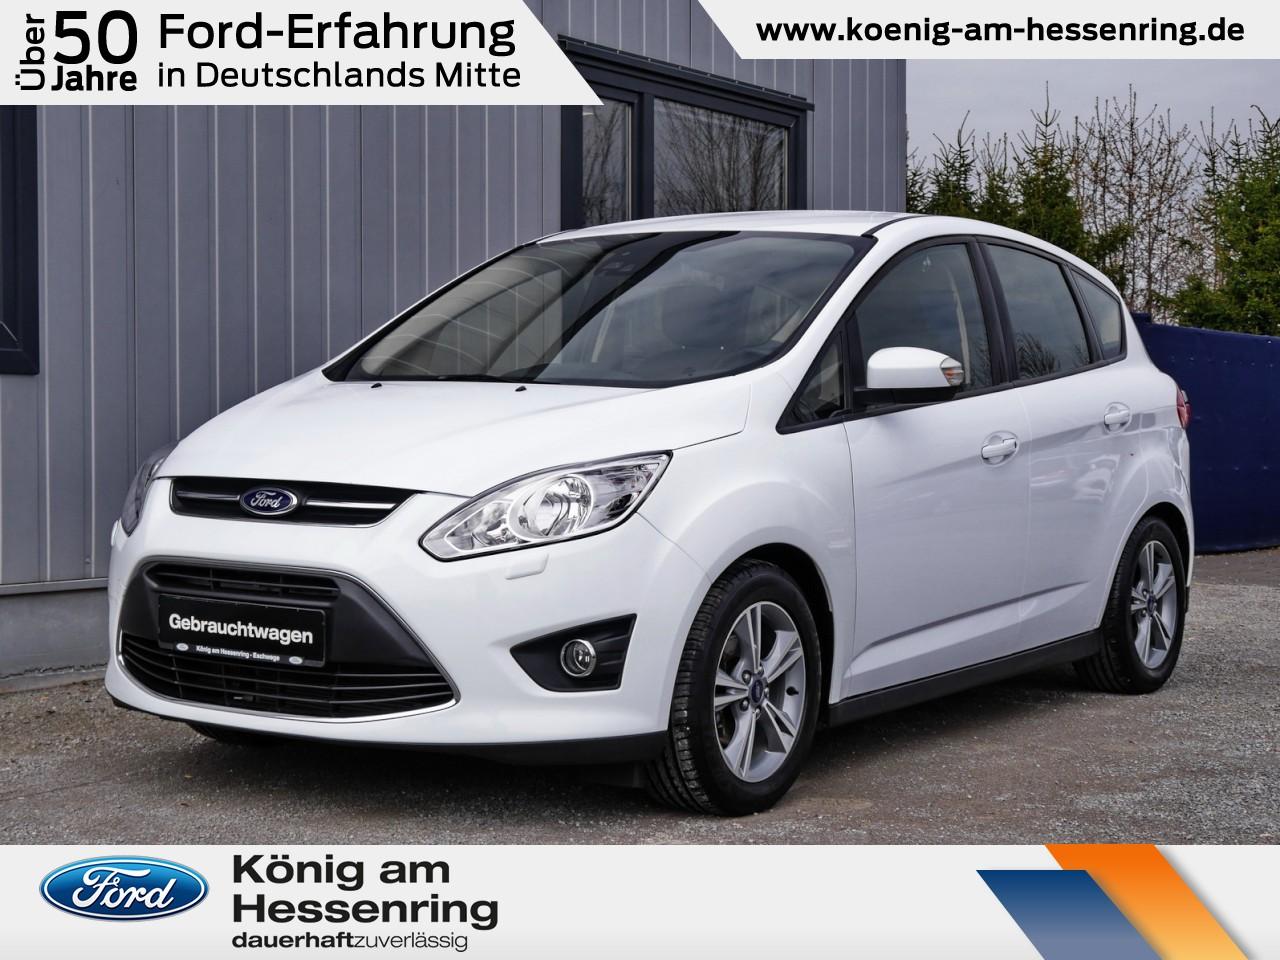 Ford C-MAX SYNC 1.0 EB Klimaaut.+Alu+AHK+Sitzheizung, Jahr 2014, Benzin